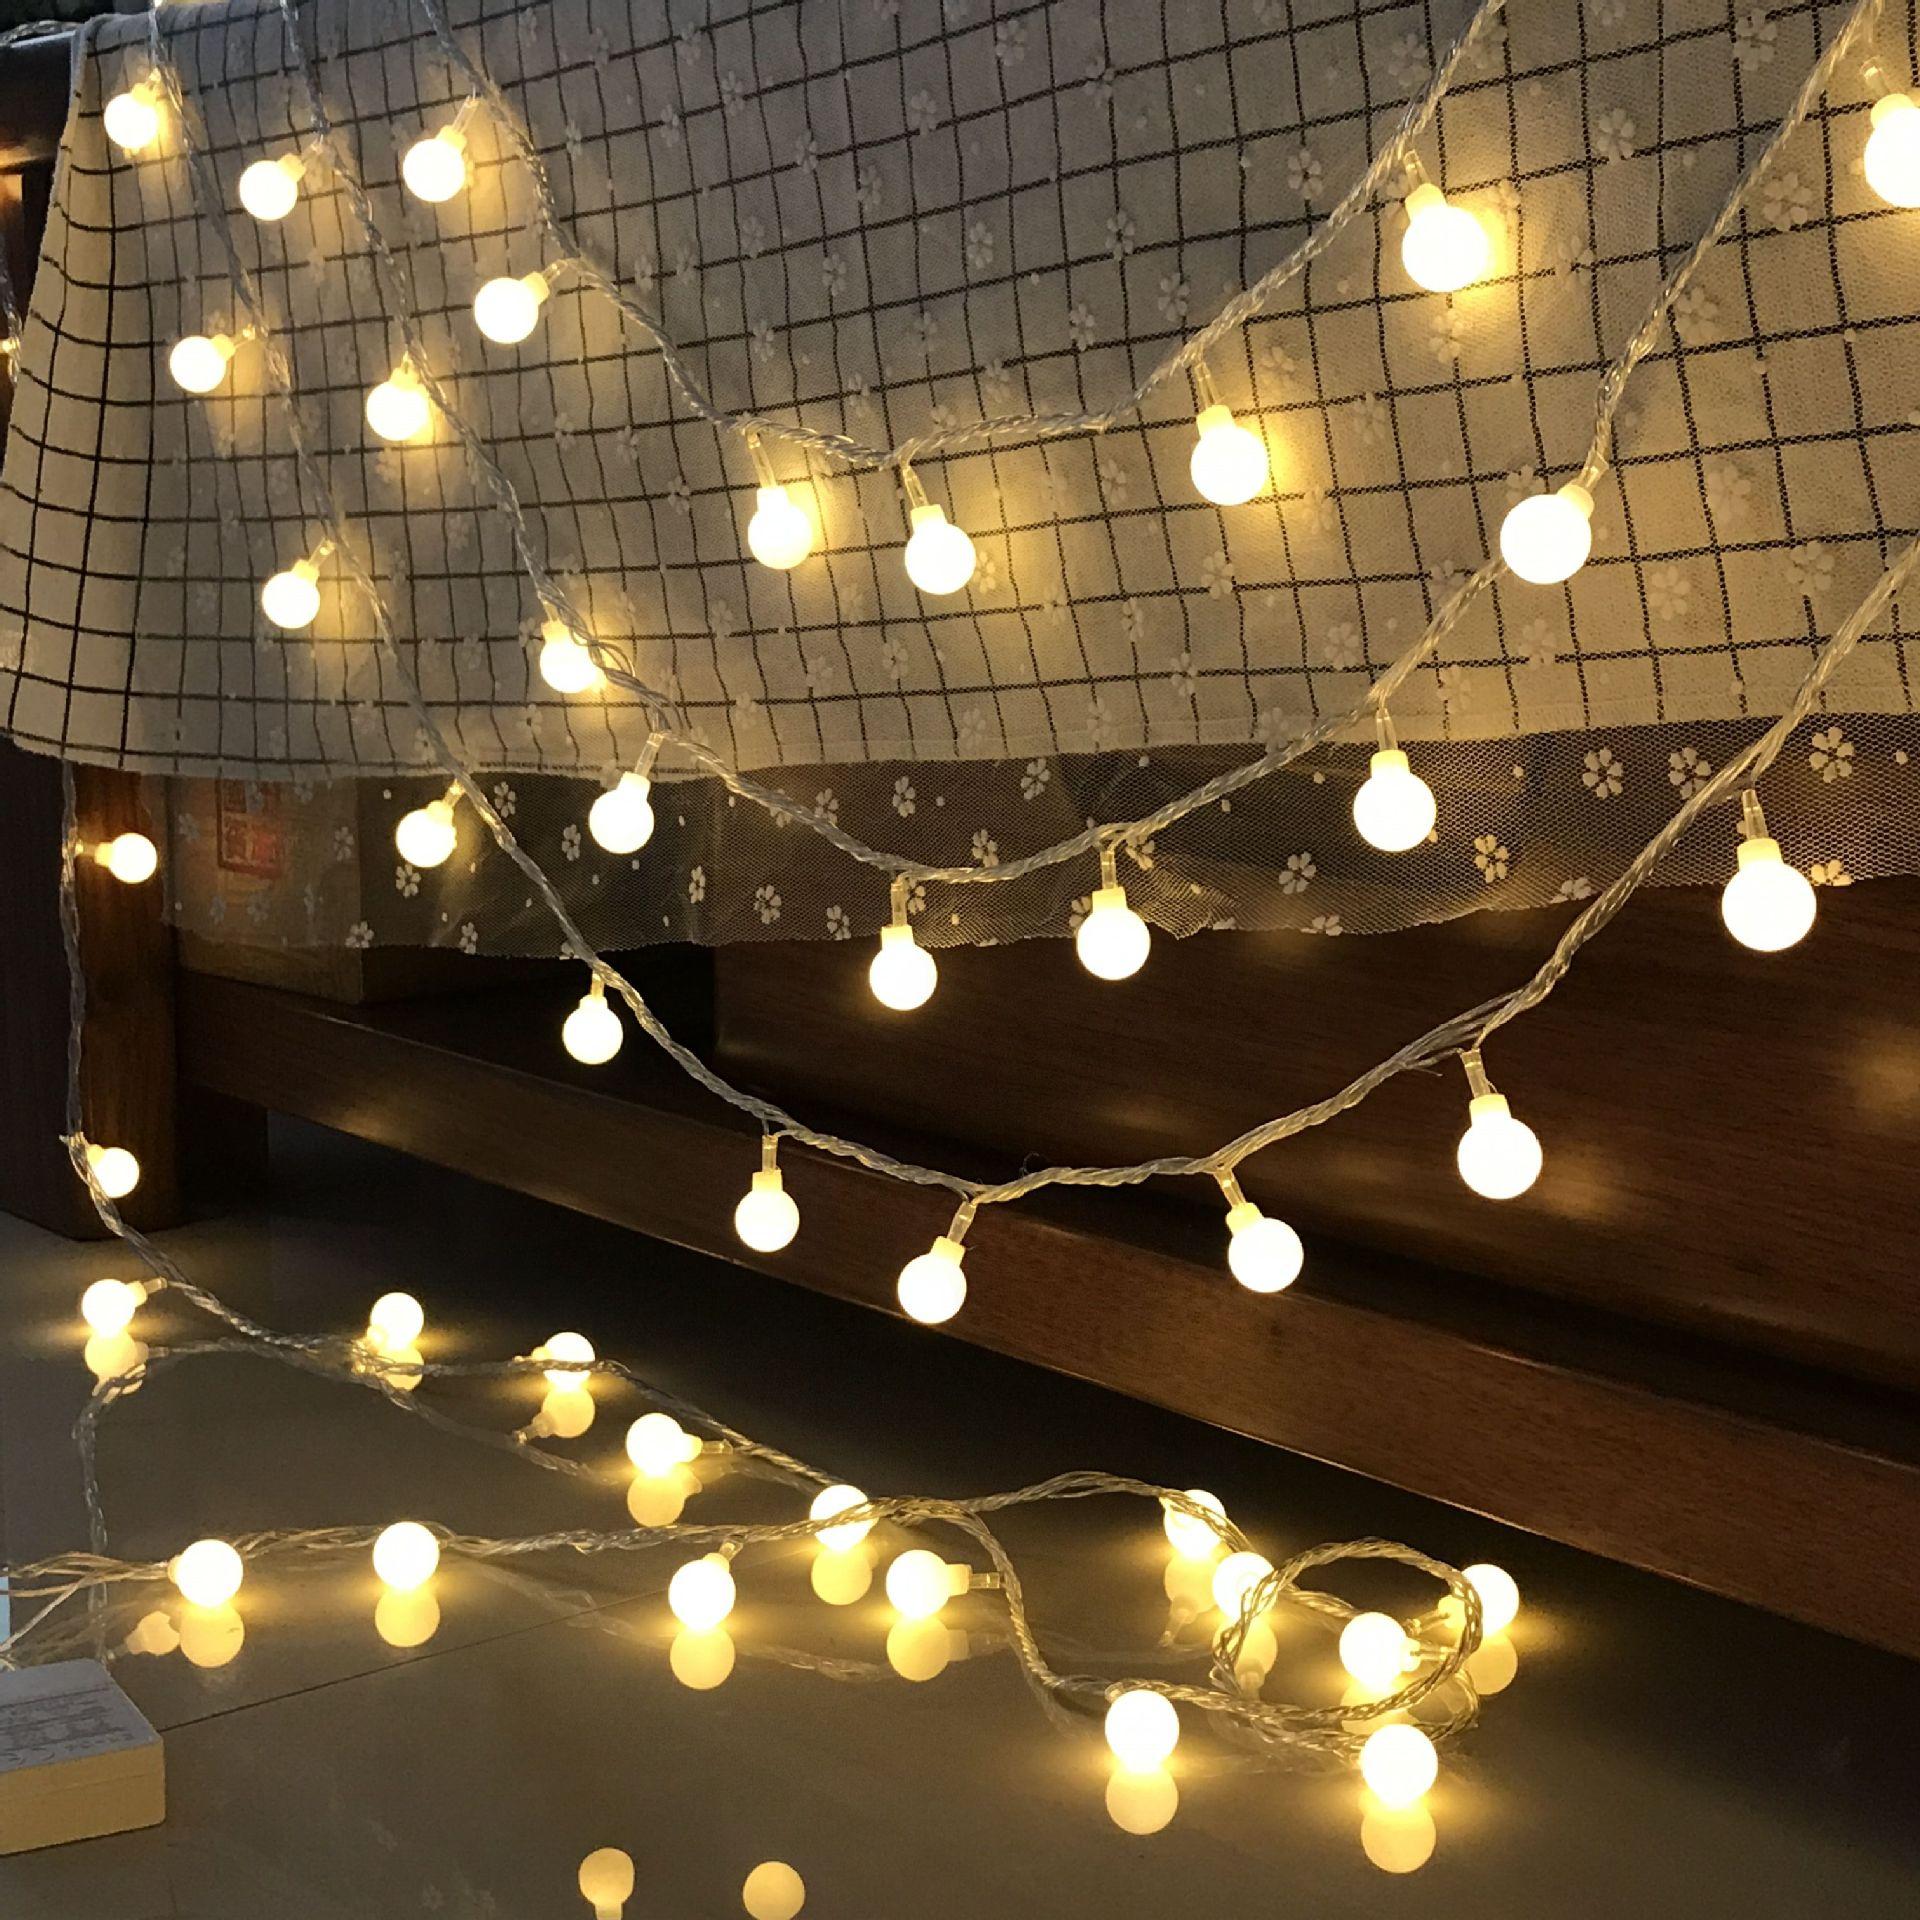 Natal interior luzes de fadas festão led string luzes guirlanda em baterias bola cortina decoração árvore luzes do feriado ao ar livre